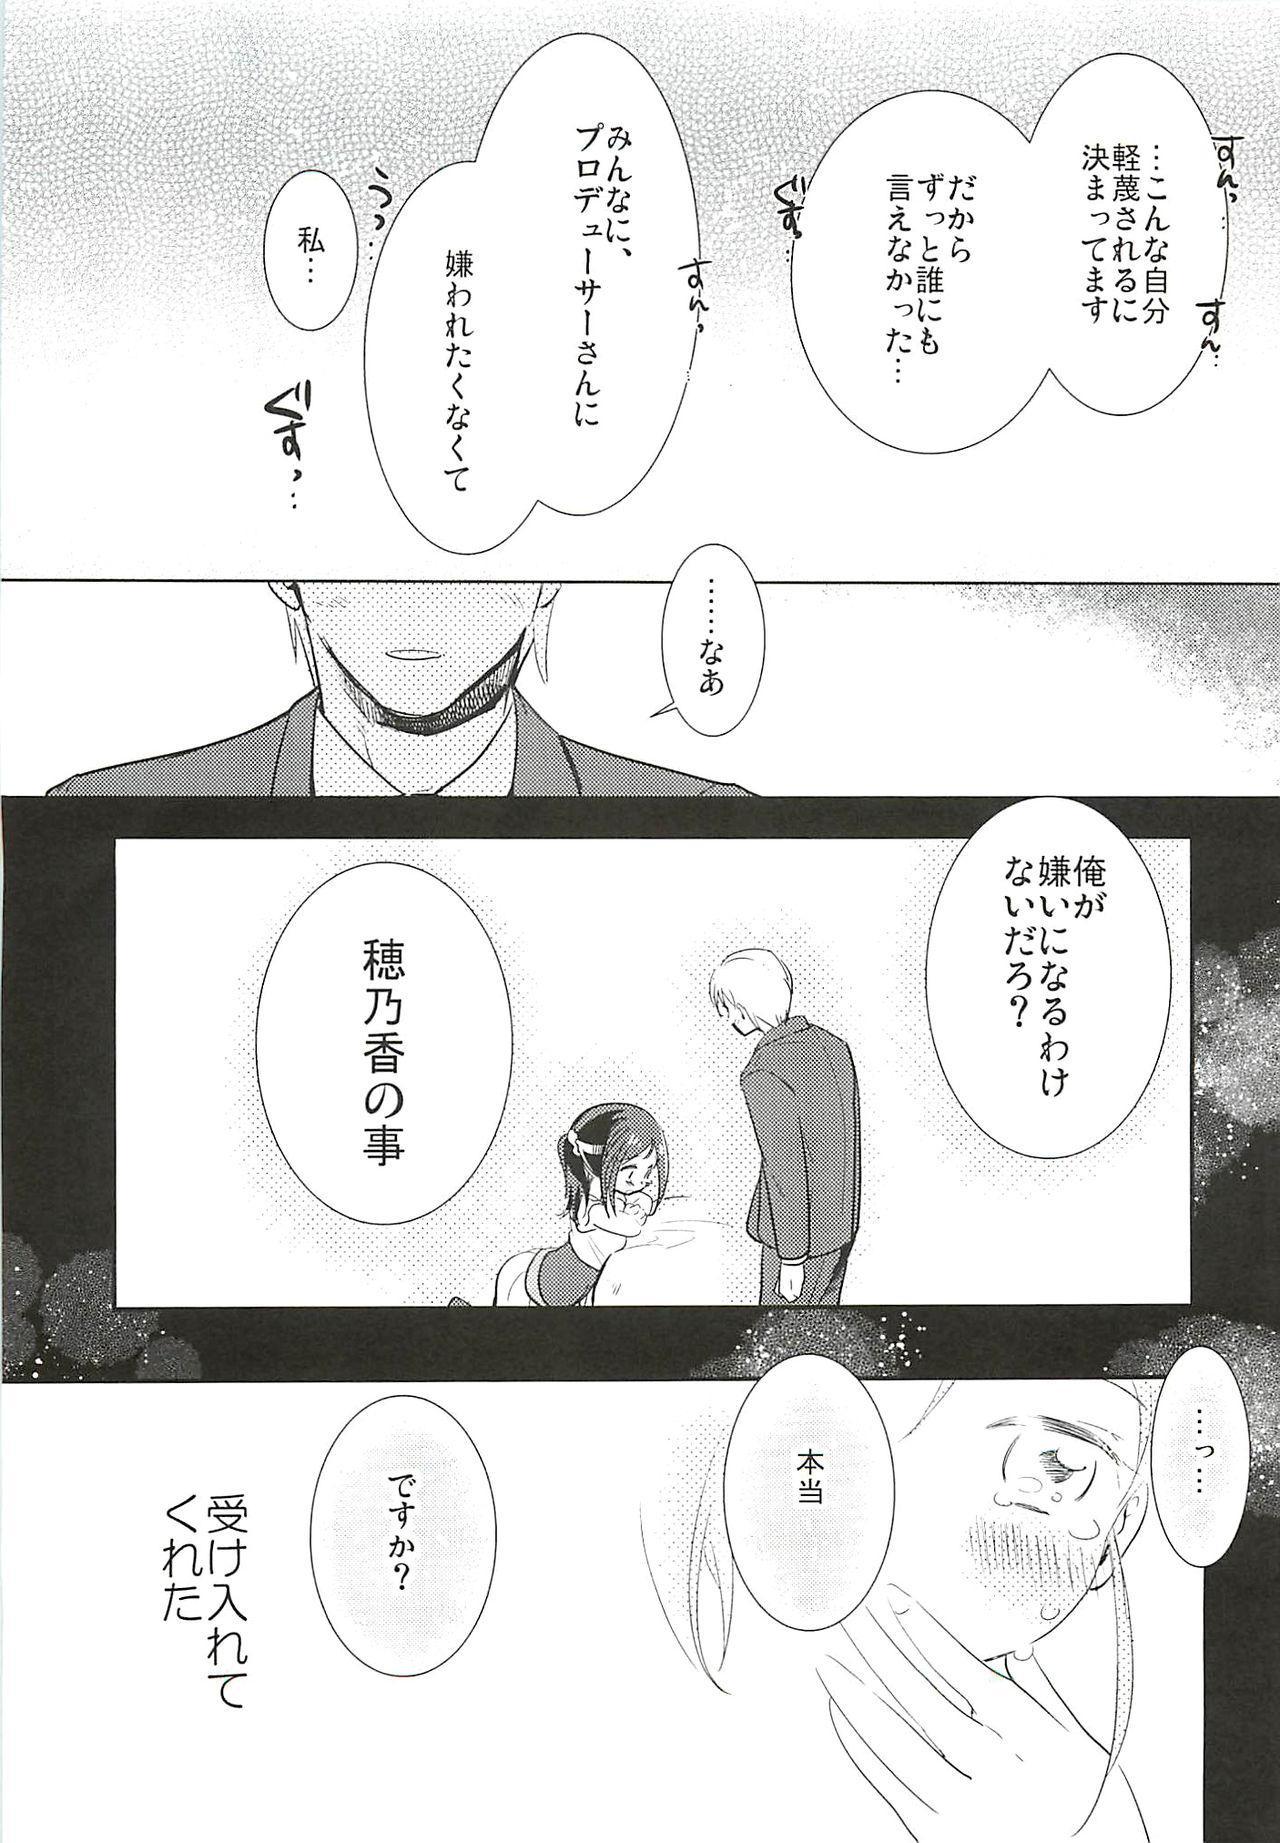 Honoka to Ippai 13